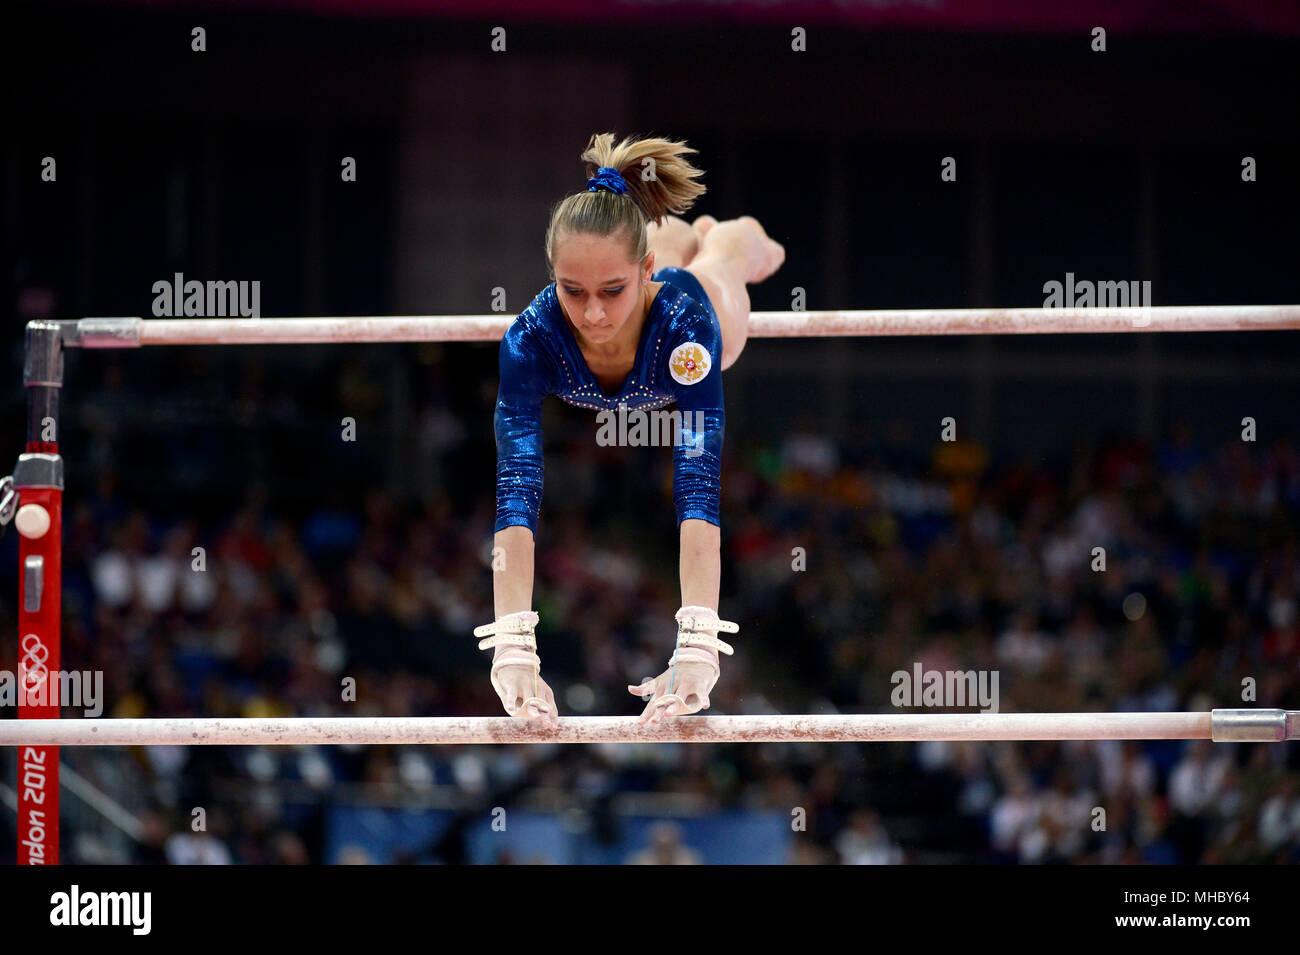 Victoria Komova de Rusia realiza sobre las barras paralelas desiguales durante la mujer gimnasia todo alrededor de la competencia, en el cual ella ganó la medalla de plata. Imagen De Stock